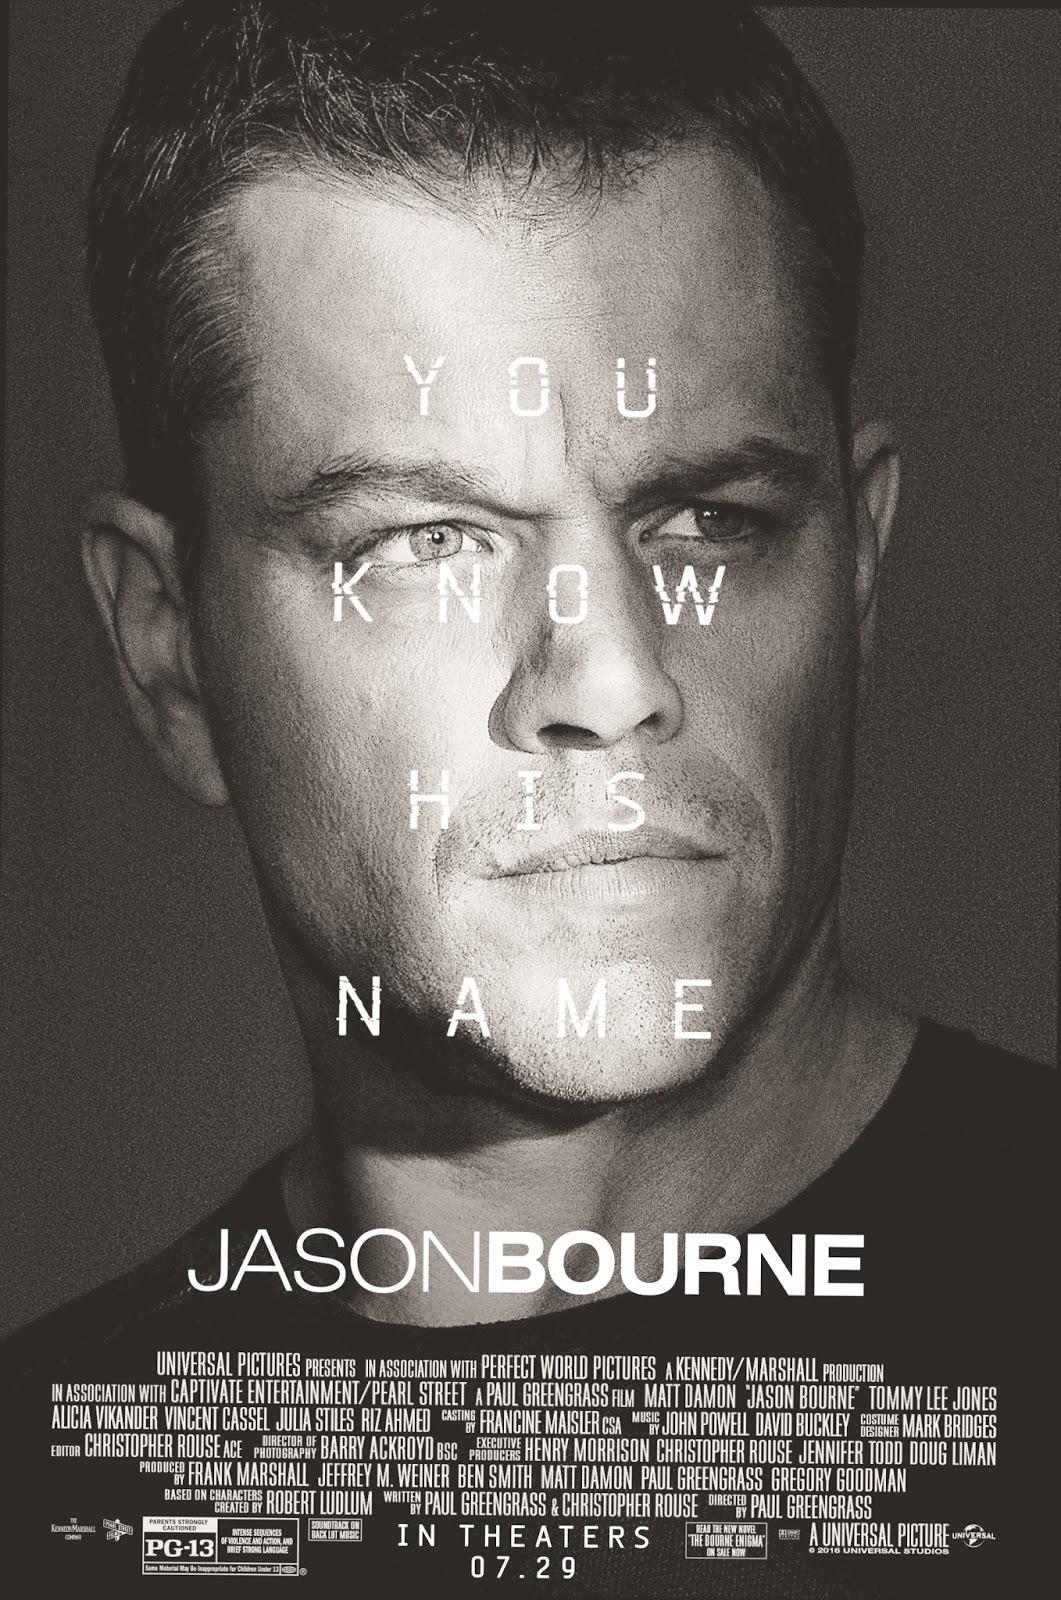 Dawson S Reviews Jason Bourne 2016 Movie Review